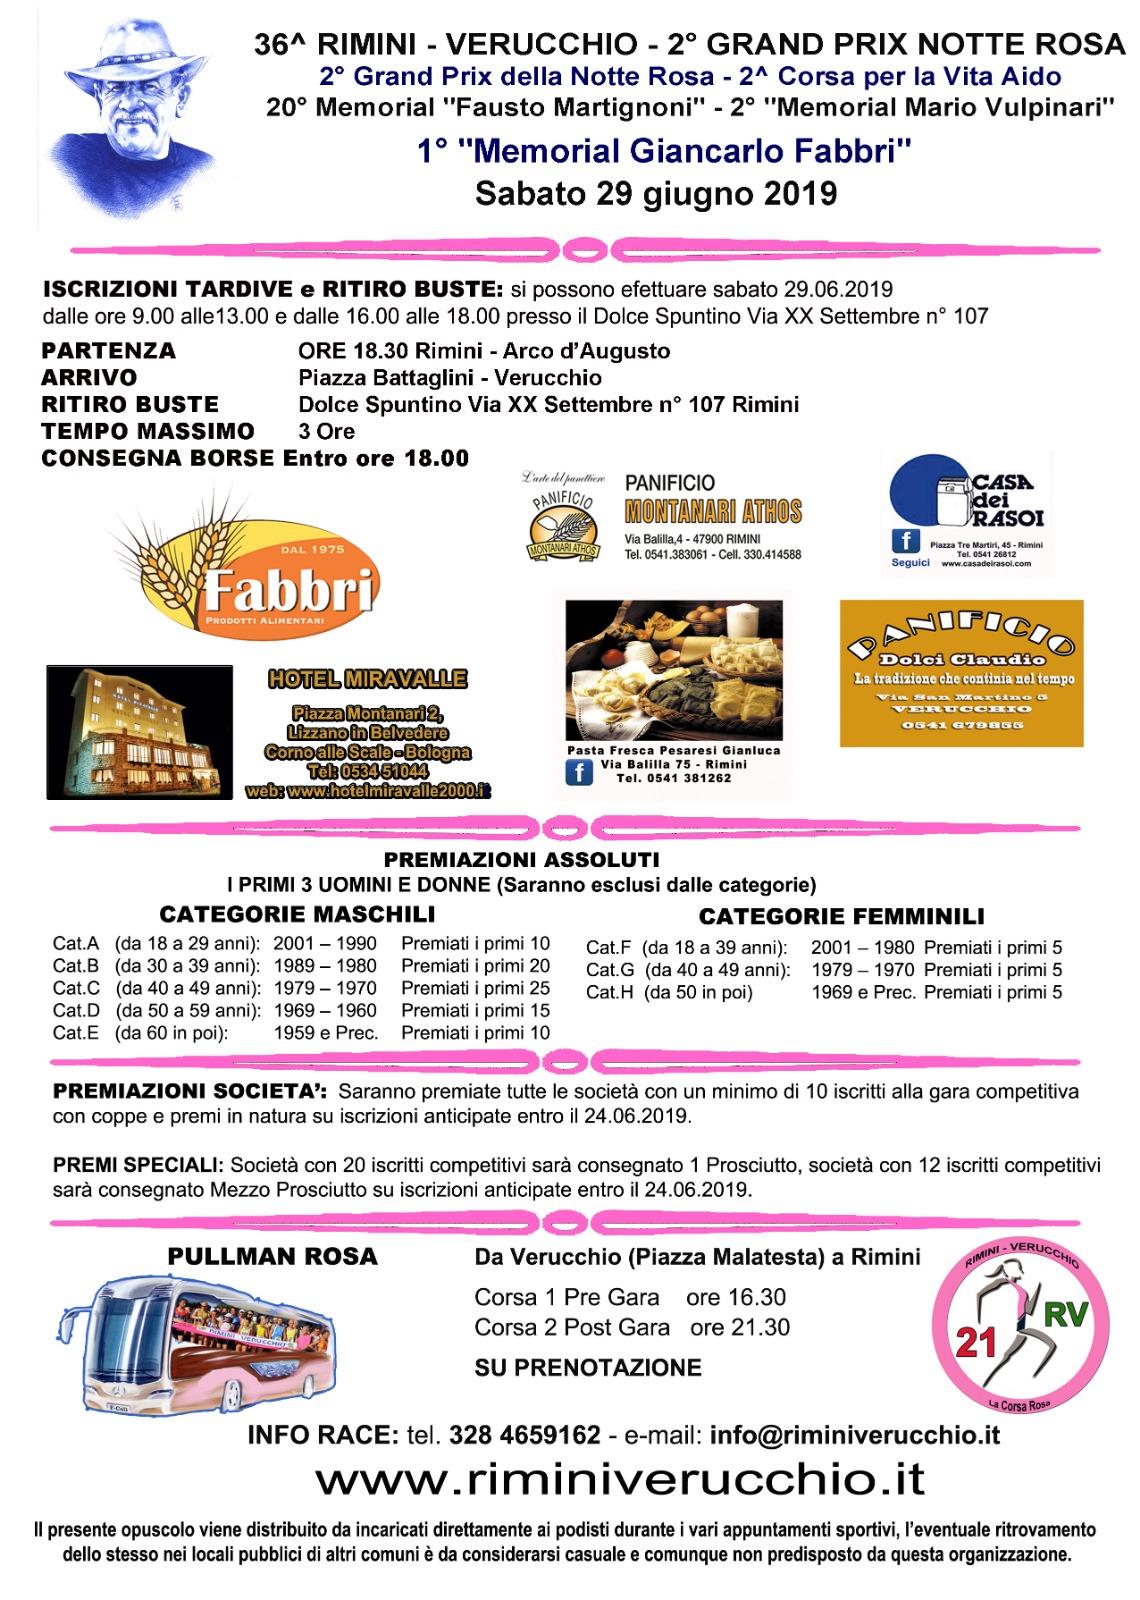 La Rimini - Verucchio